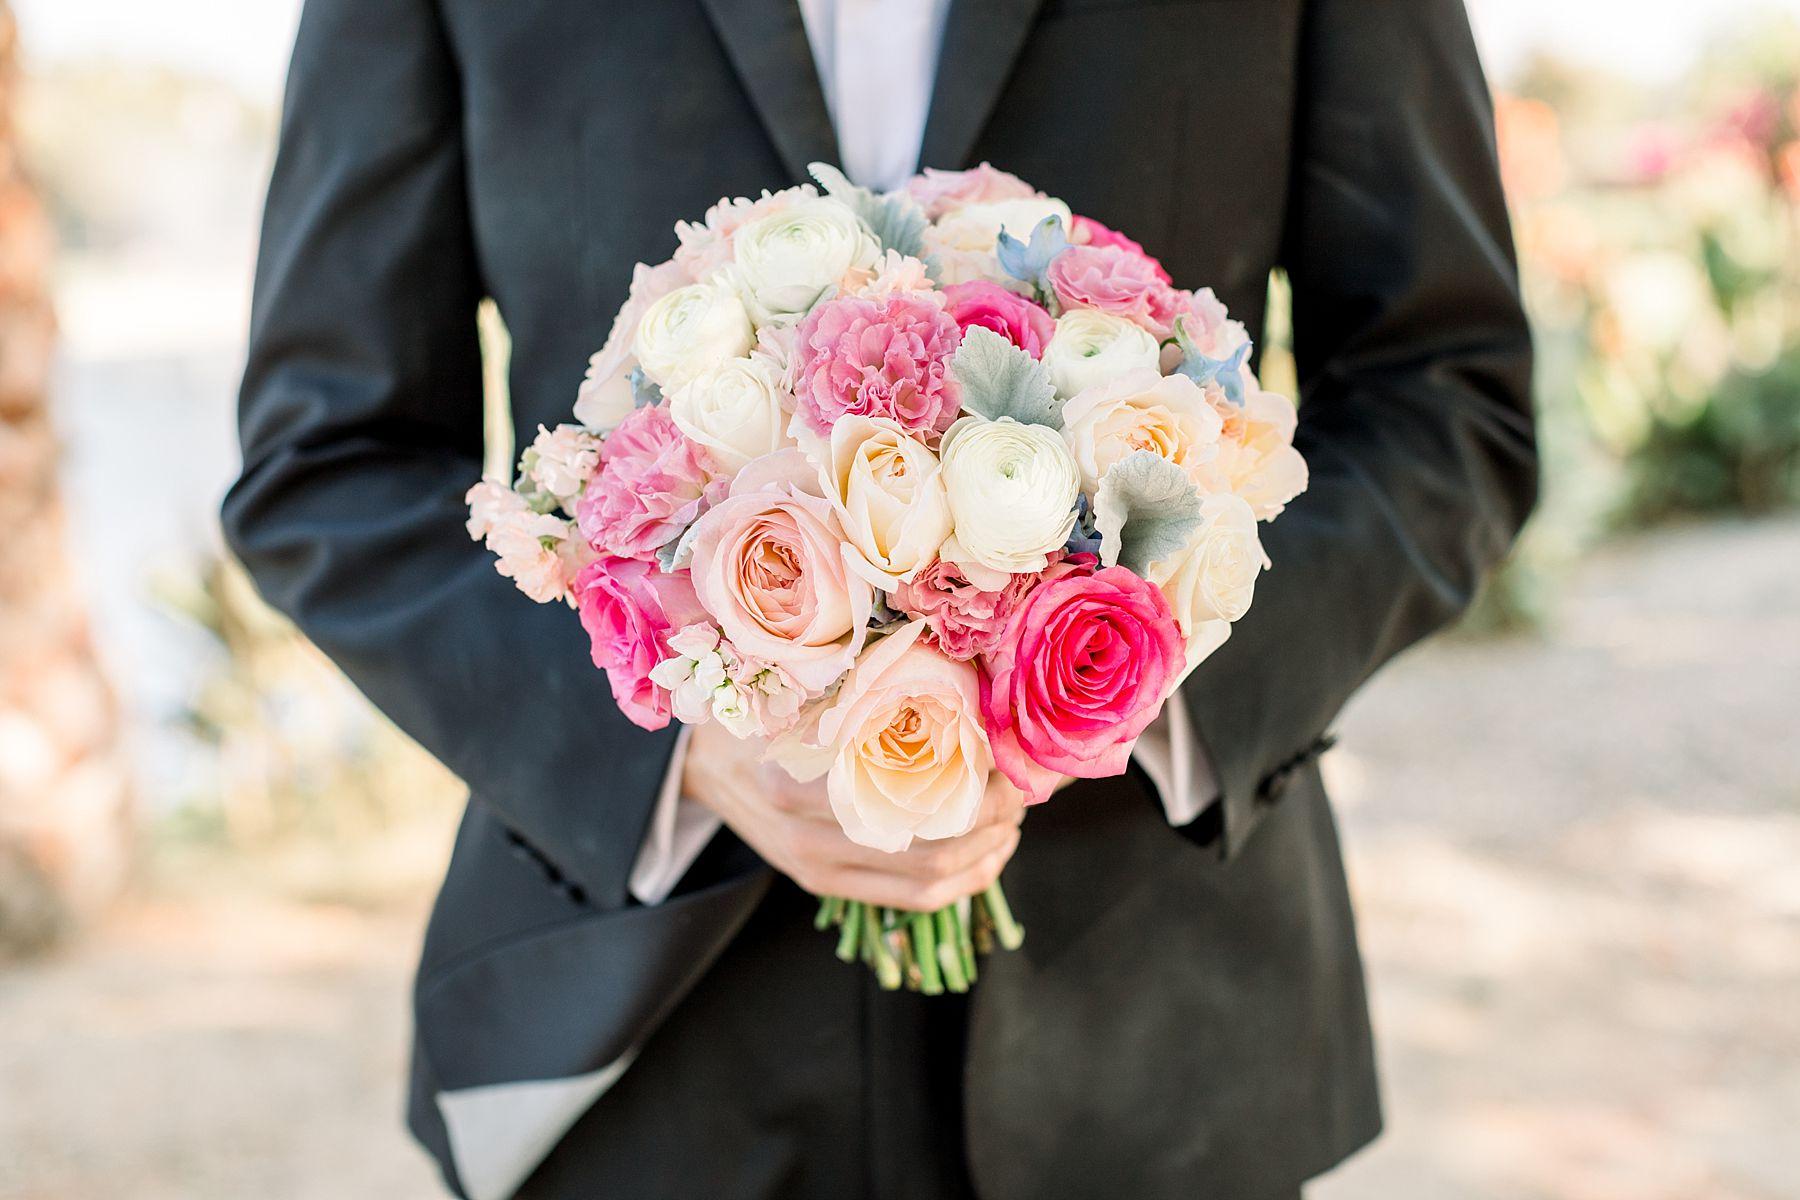 Newberry Estate Vineyards Wedding - Ashley Baumgartner - Jasmine and Johhny - Bay Area Wedding Photographer - Sacramento Wedding Photographer_0028.jpg